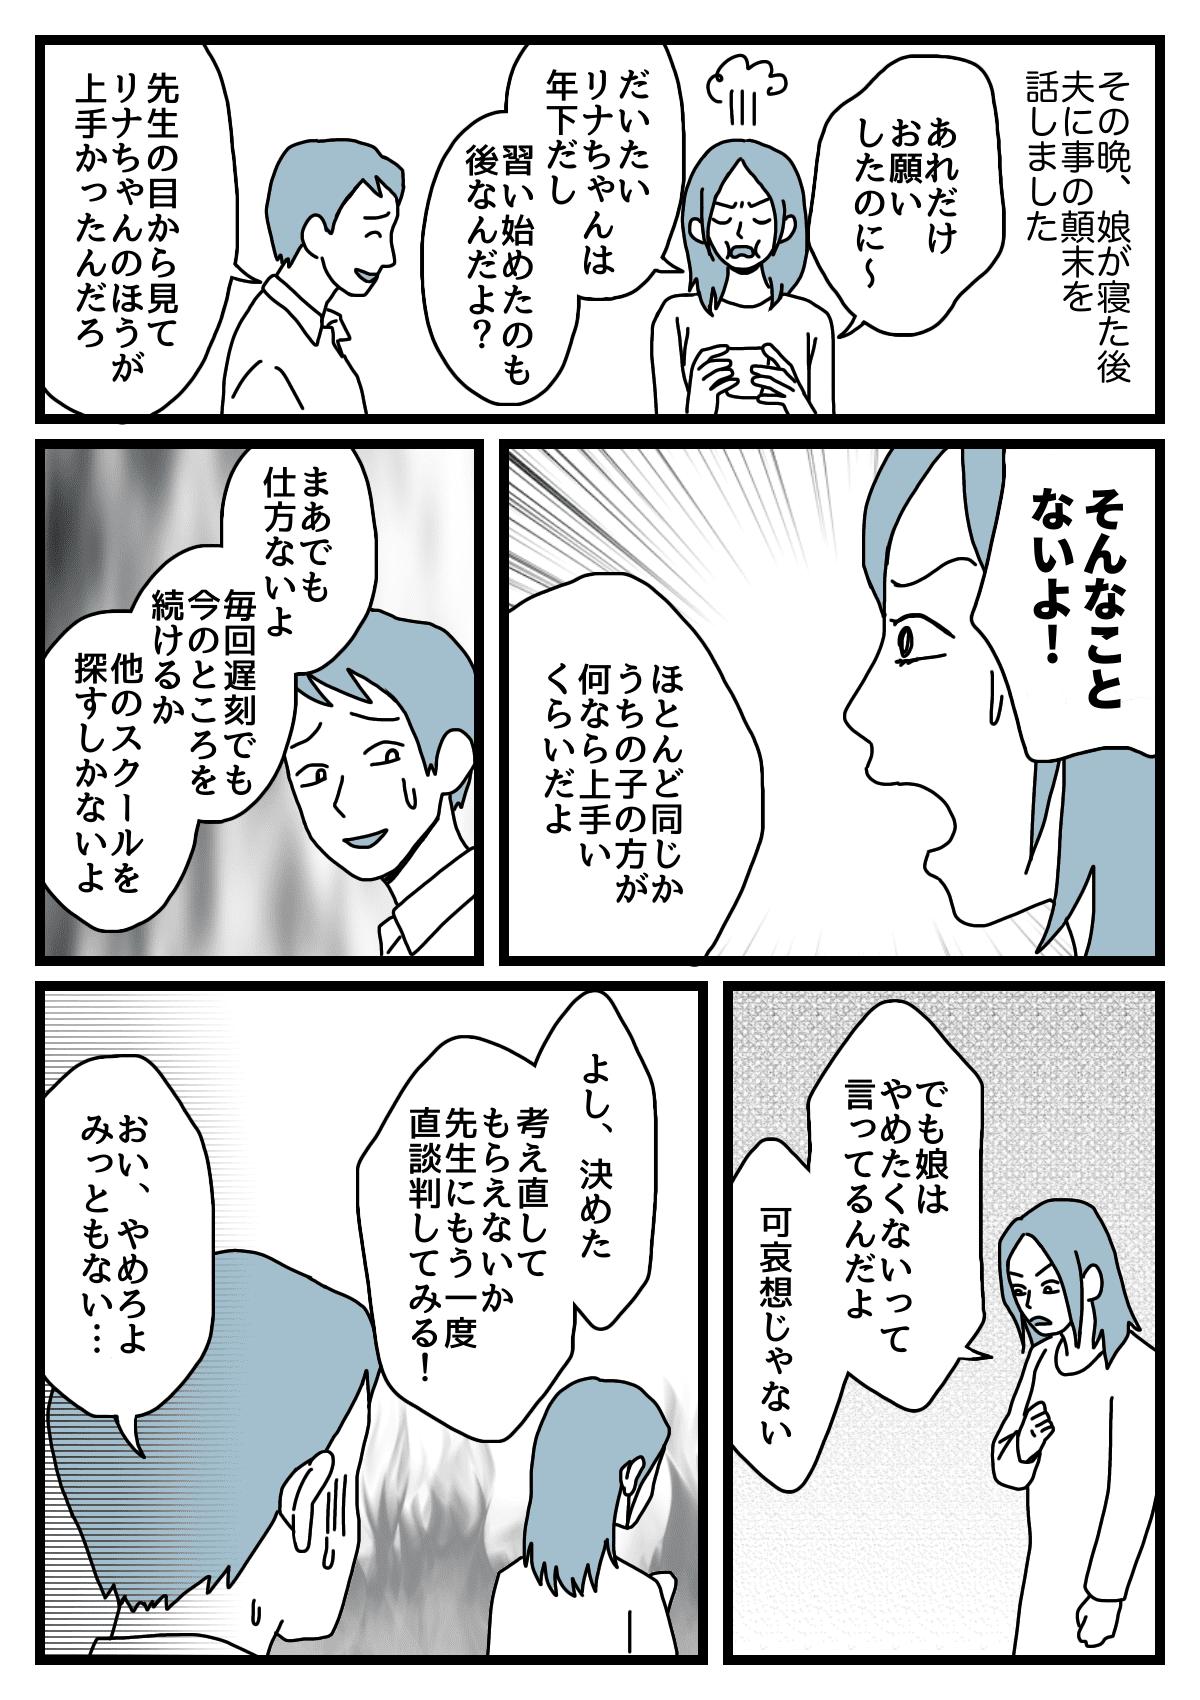 【前編】習い事3